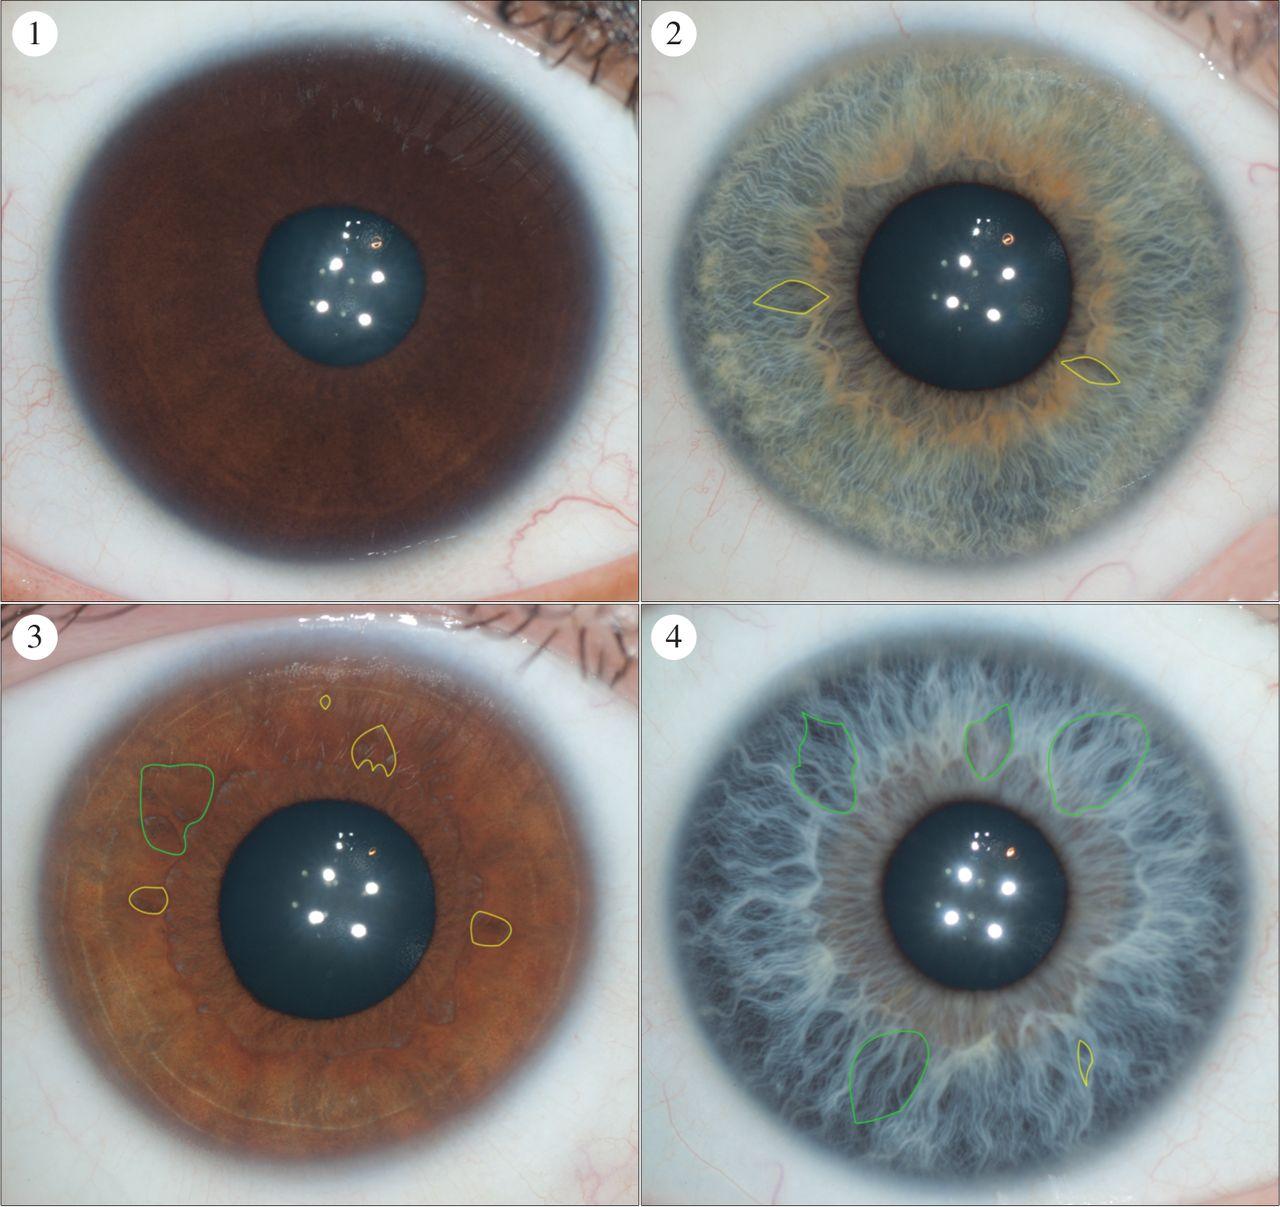 rayid iridology 2